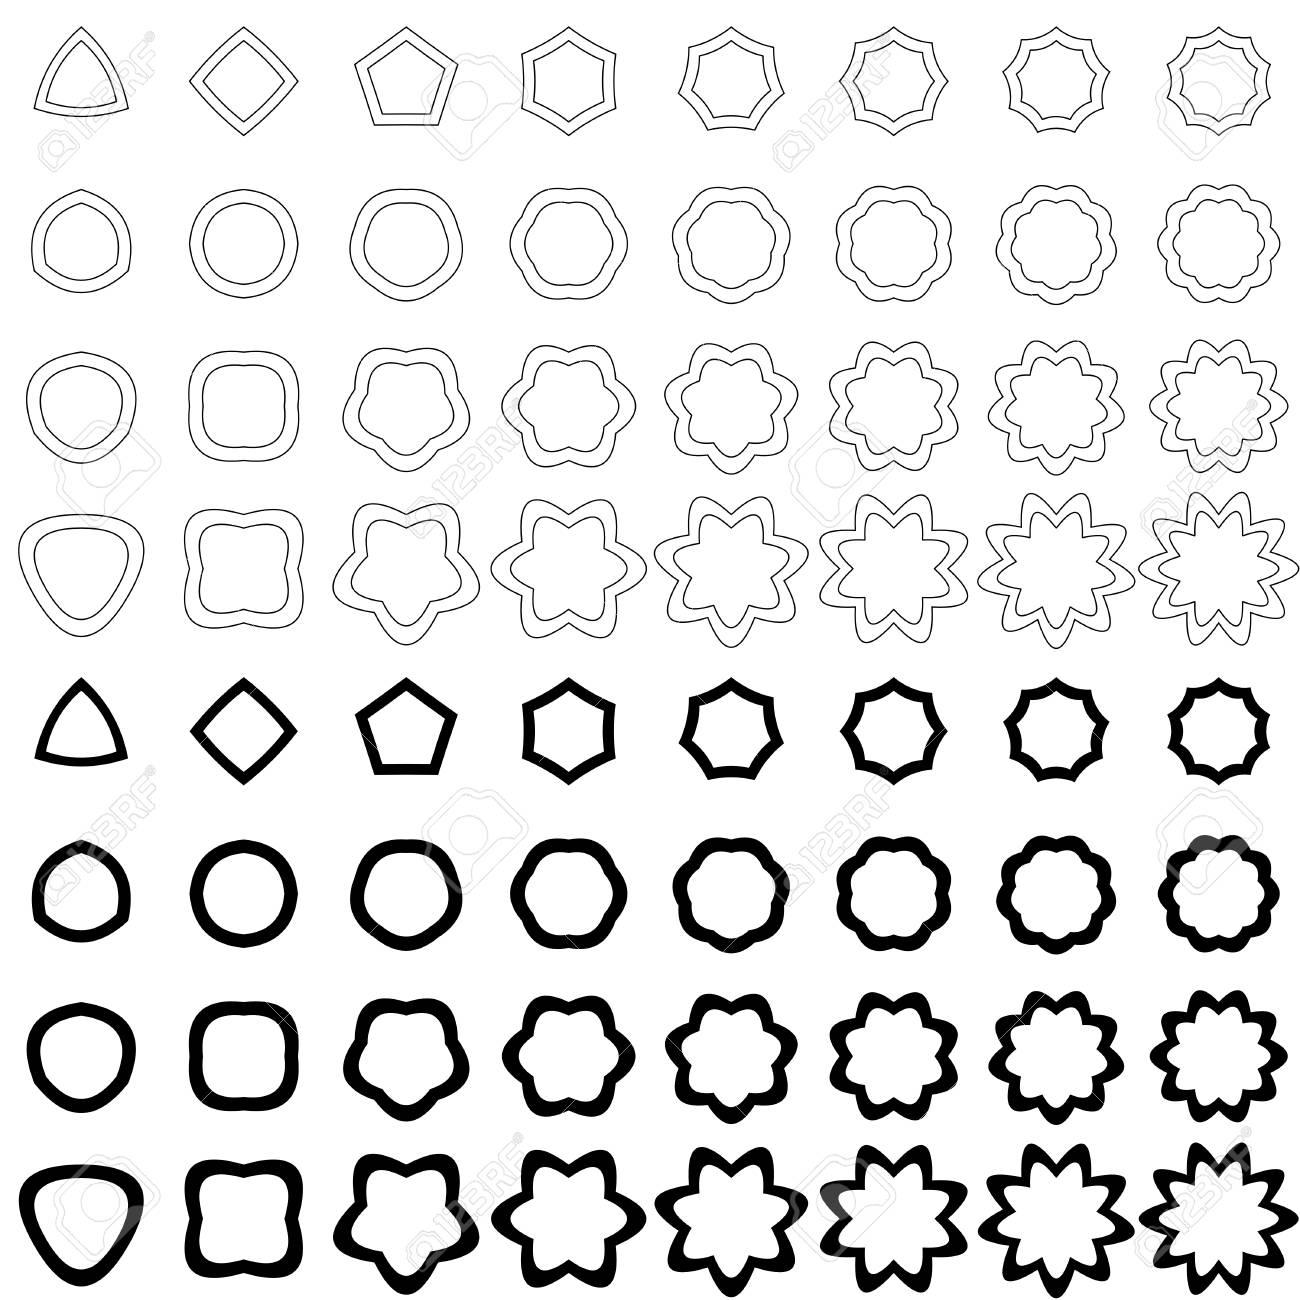 Noir Incurvée En Forme De Polygone Vecteur Icône Collection Clip Art